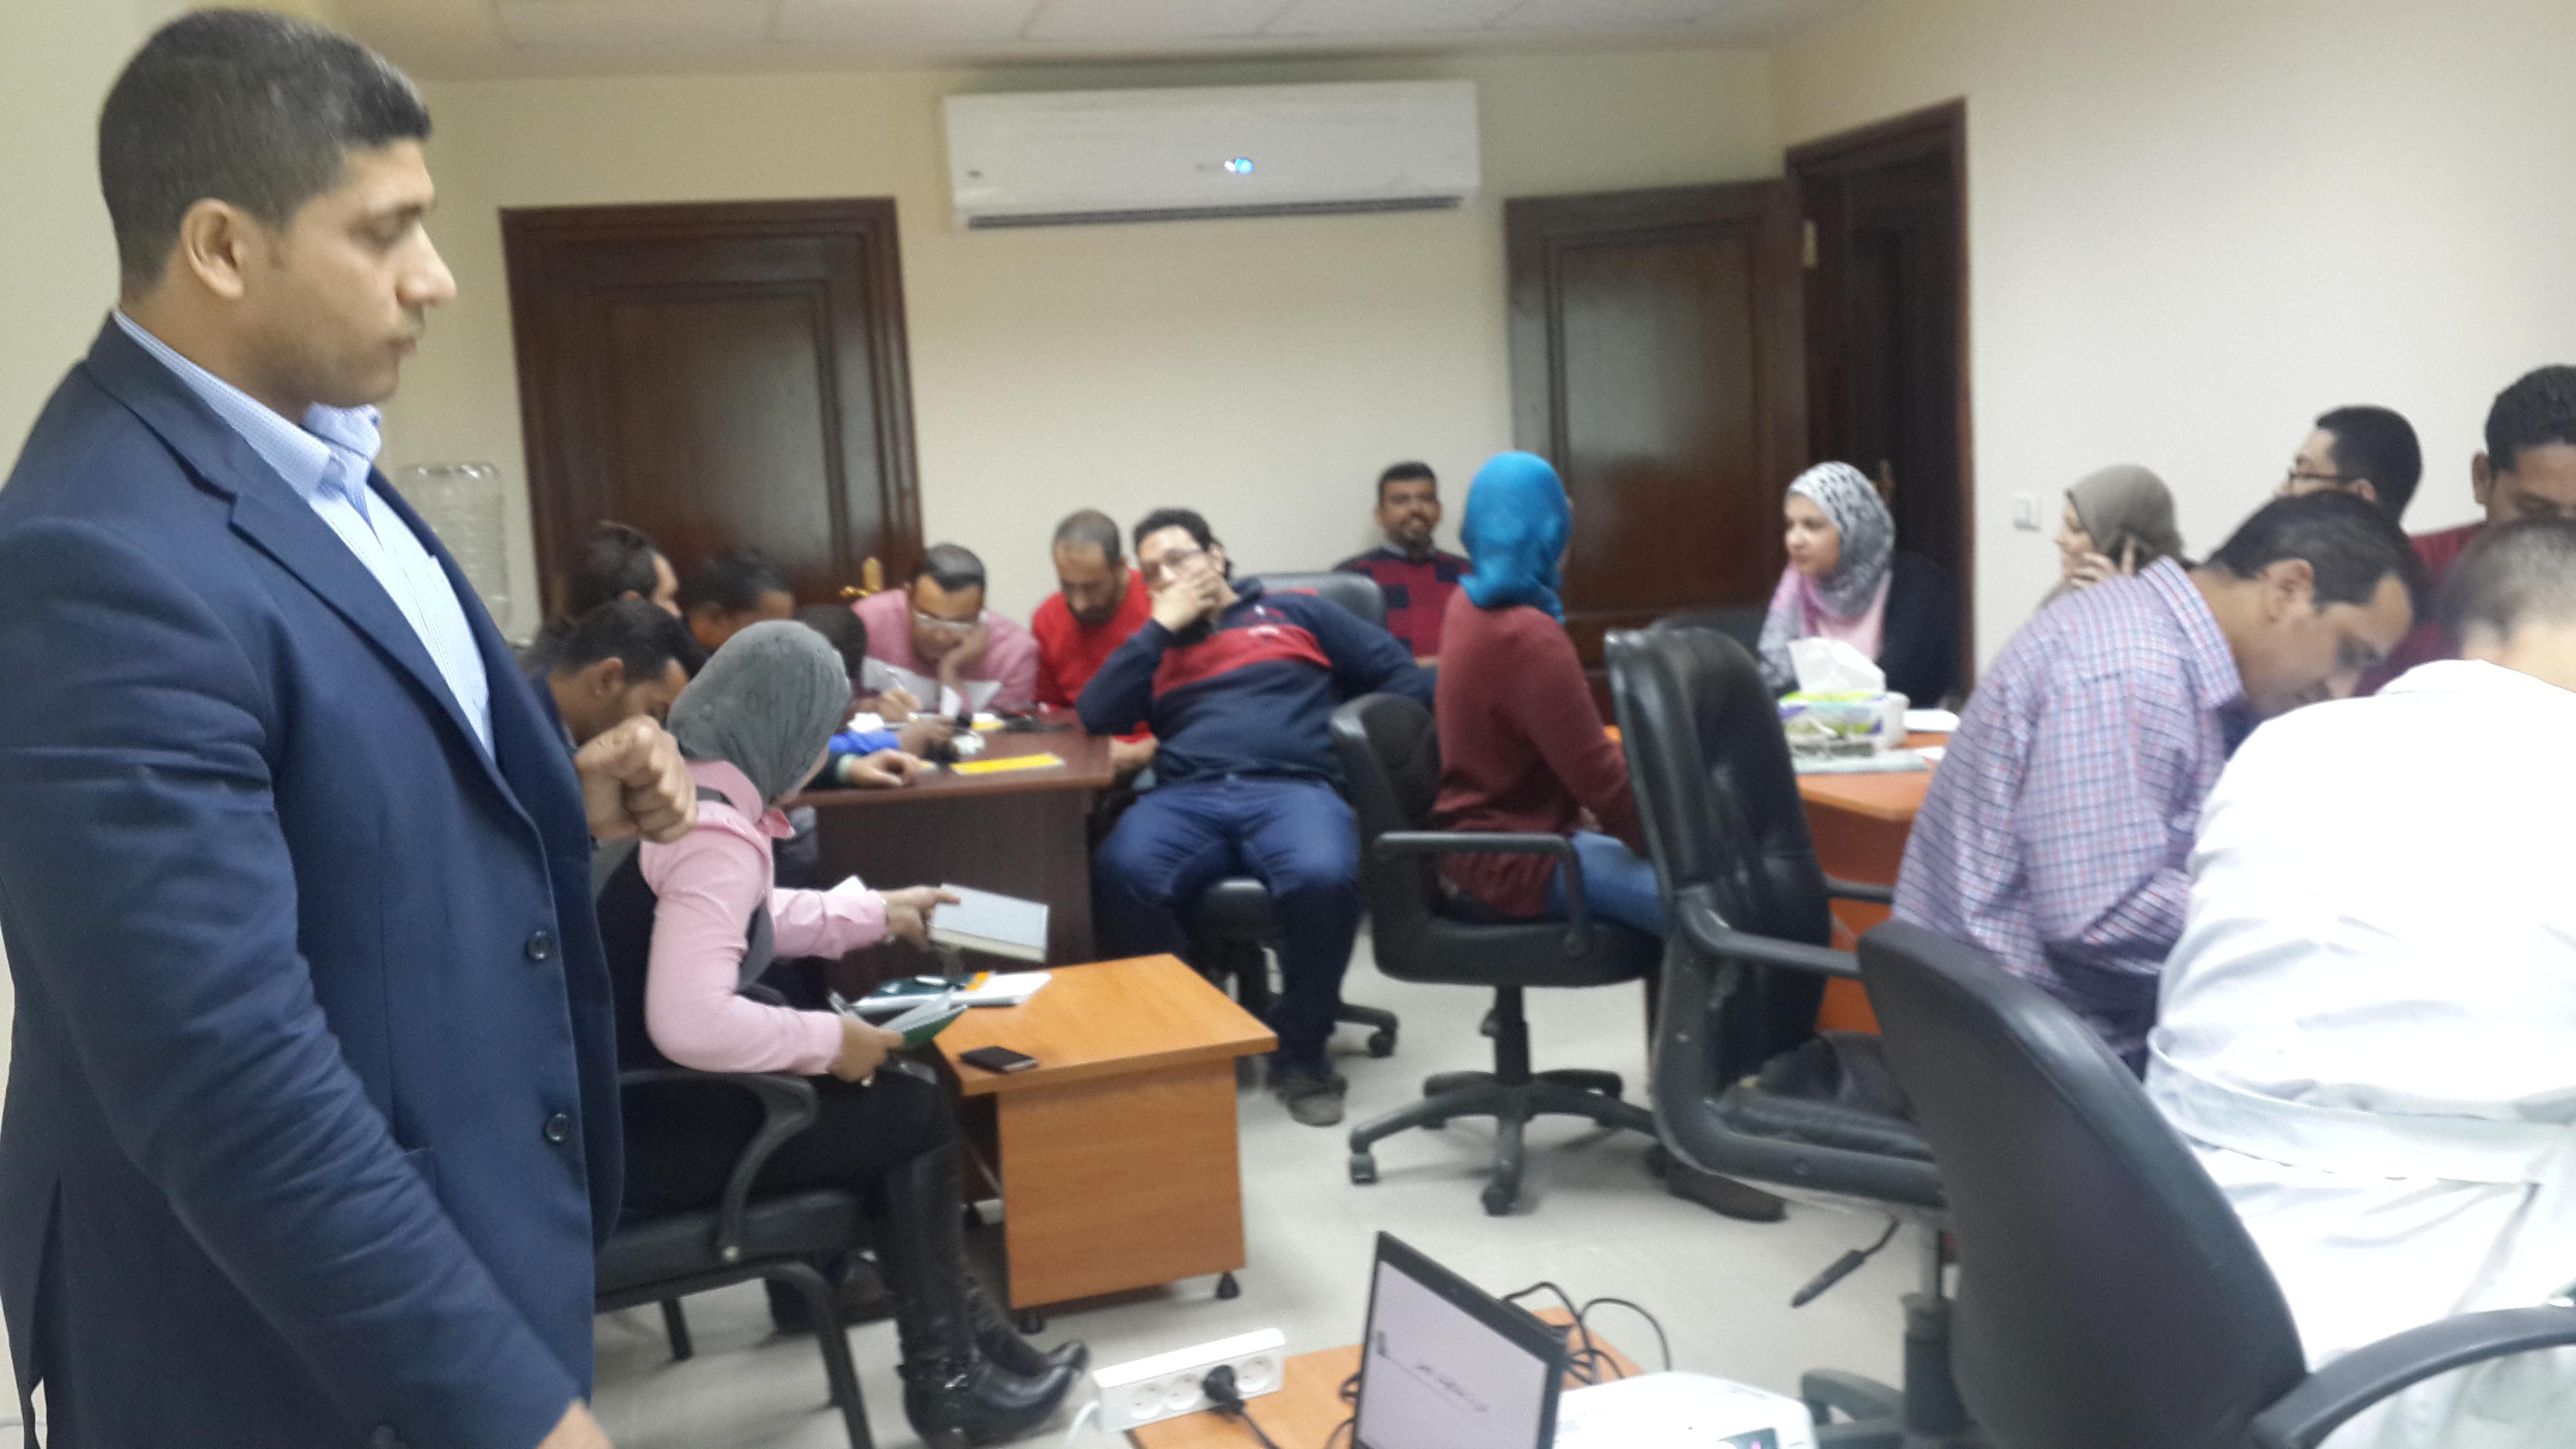 Excellence Center Egypt 20160330-20160330_100959 .jpg